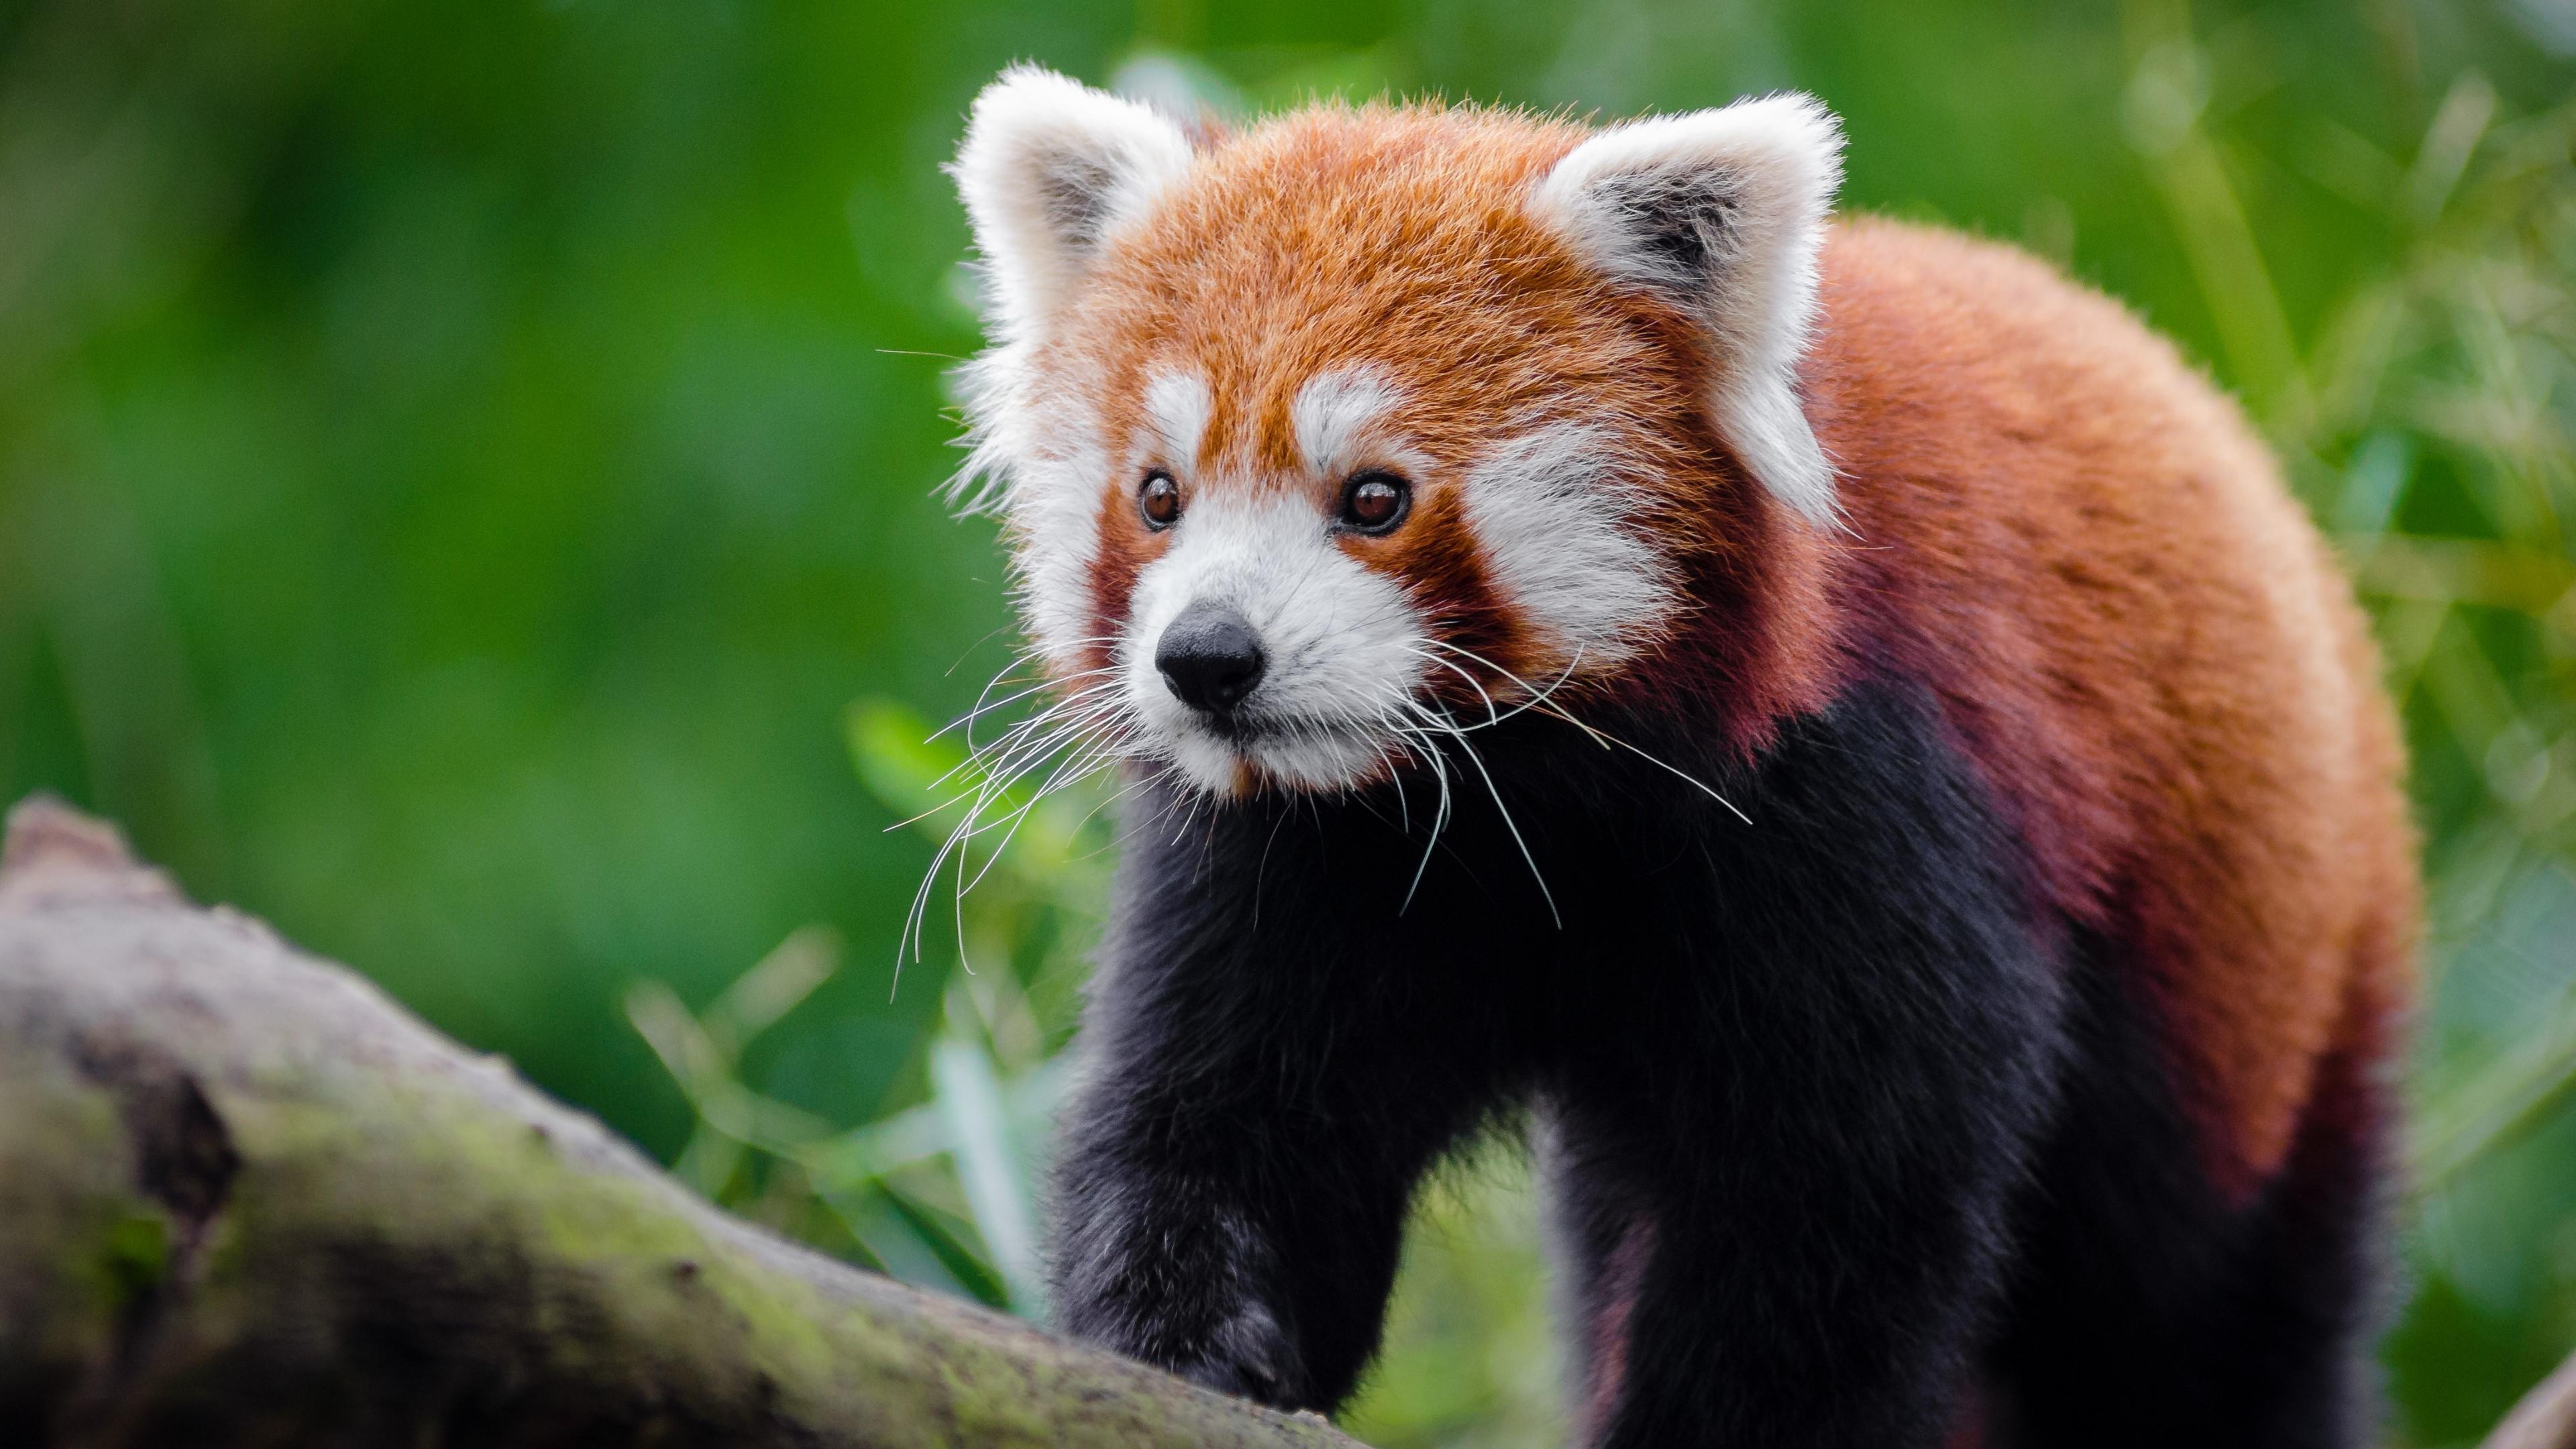 Title. Kitten-like face Red Panda